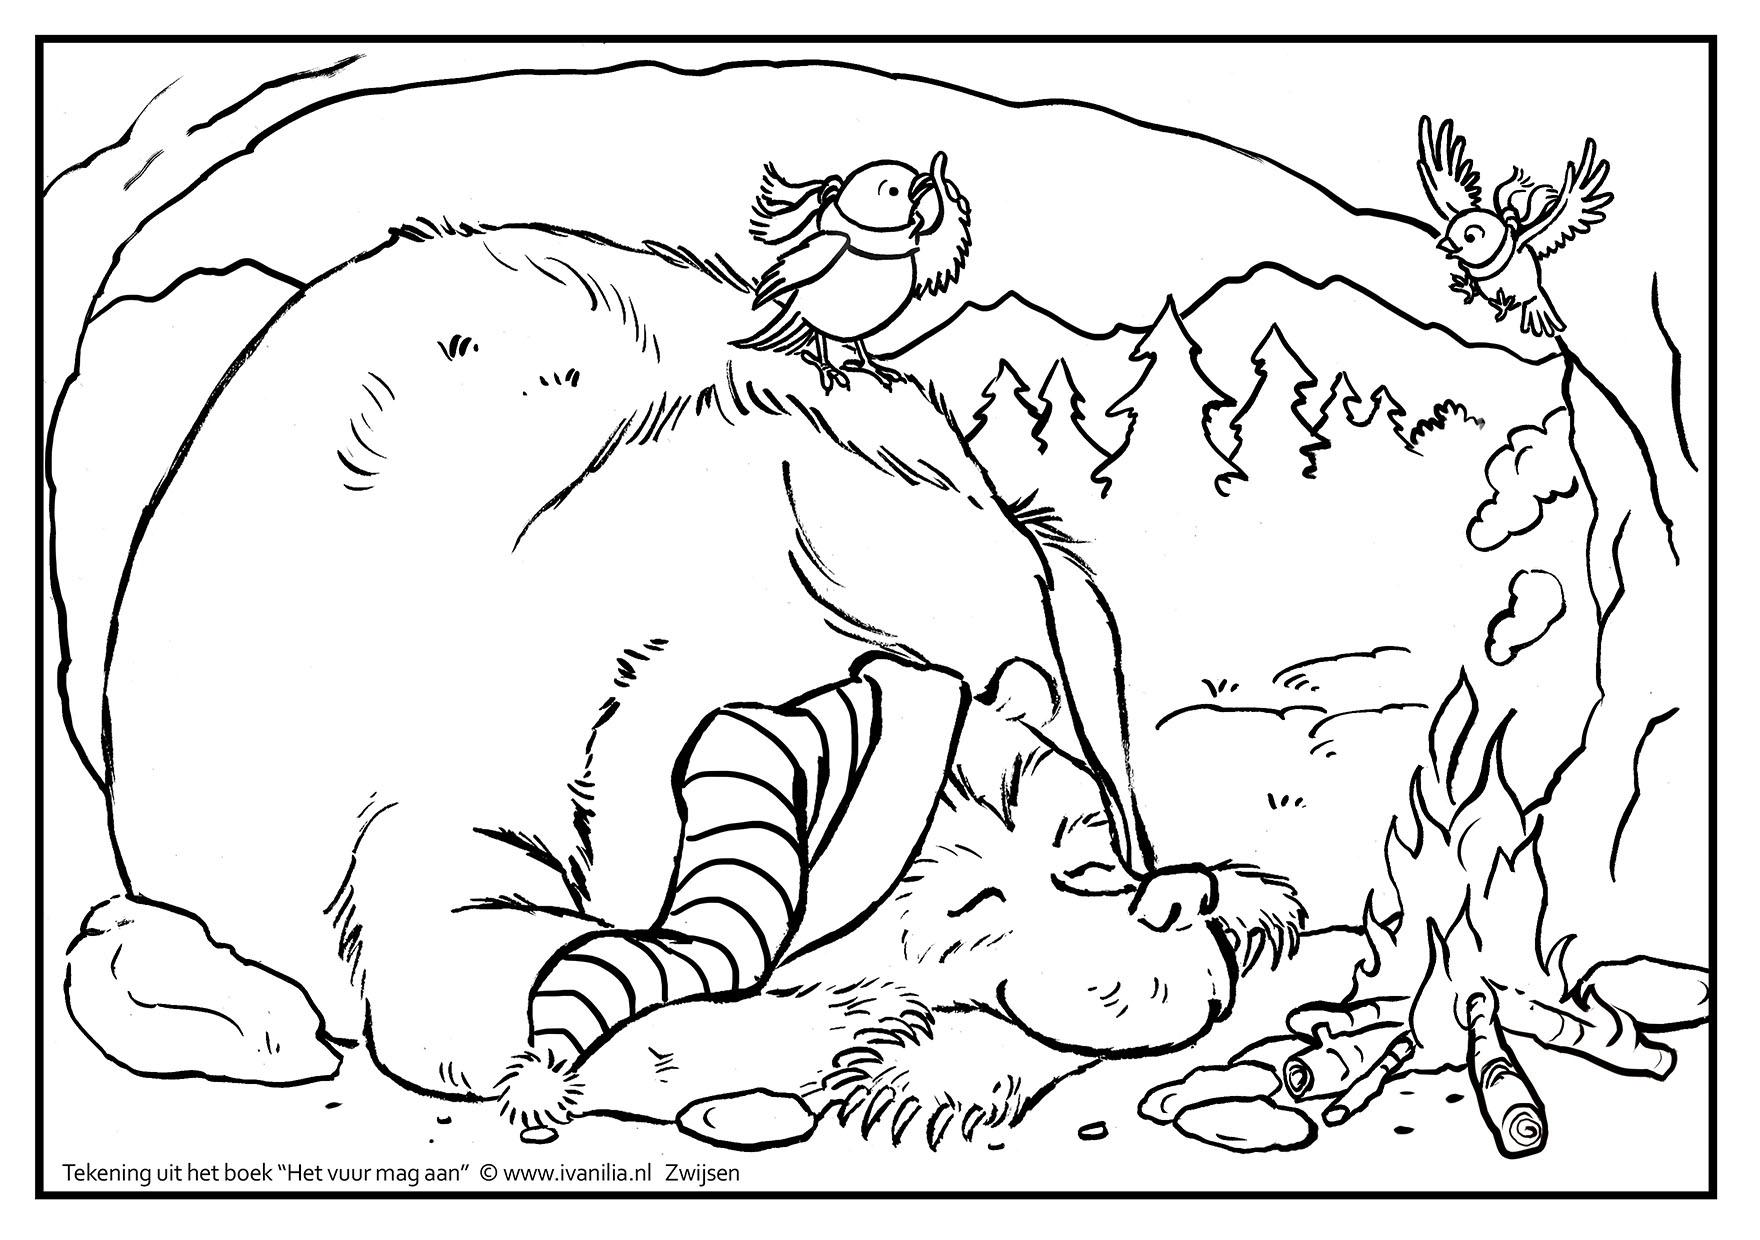 Kleurplaat Het Vuur Mag Aan 01 Ivan Ilia Illustraties